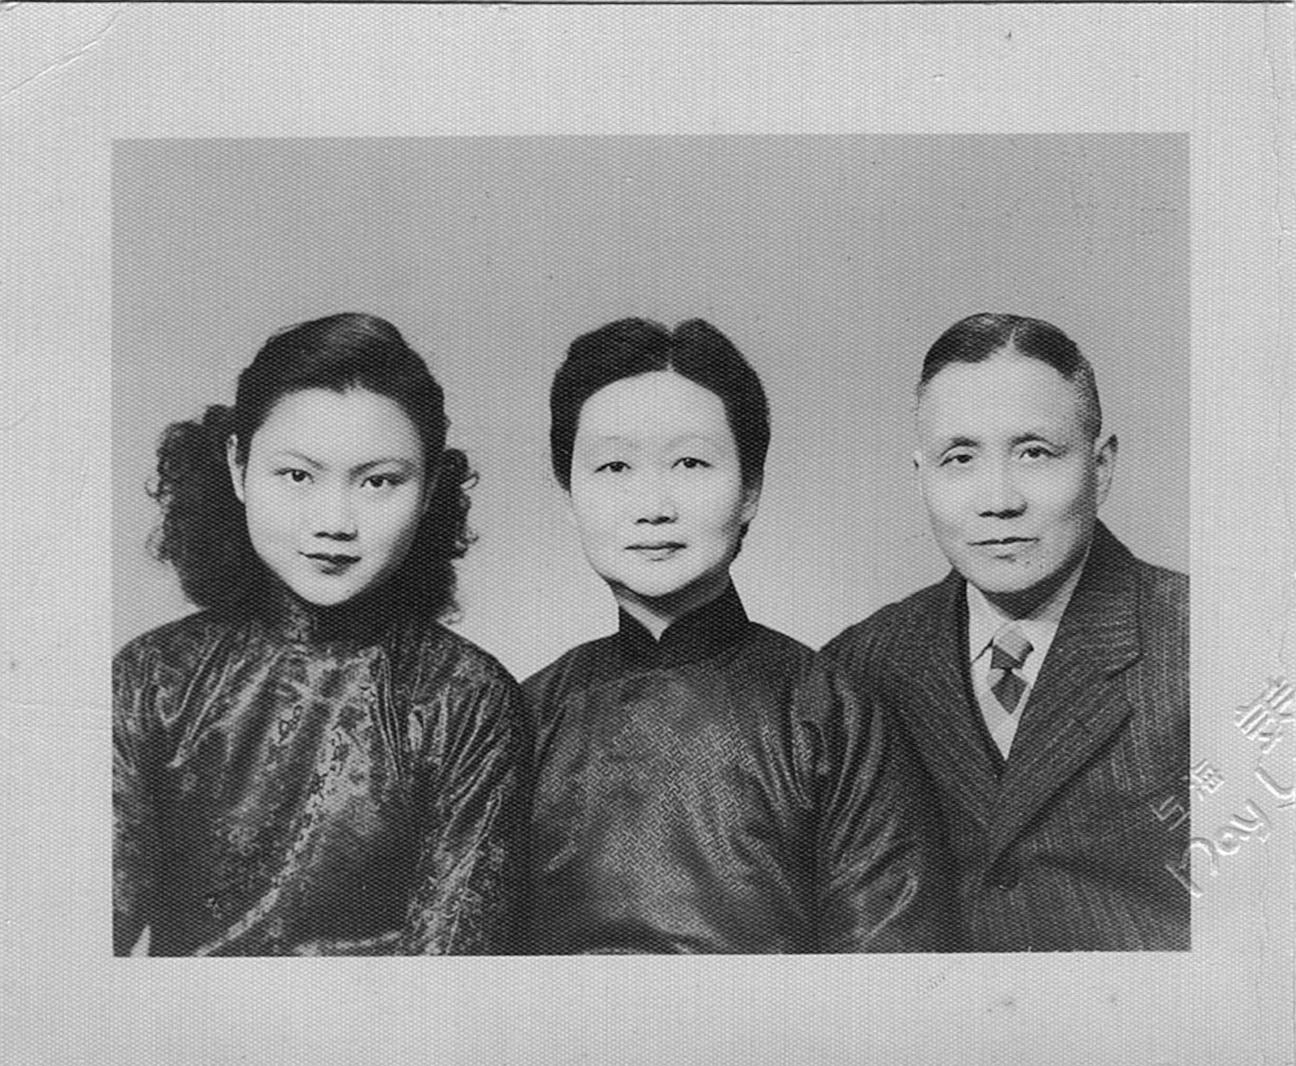 Han Ho, Peggy and Lulu, c. 1950